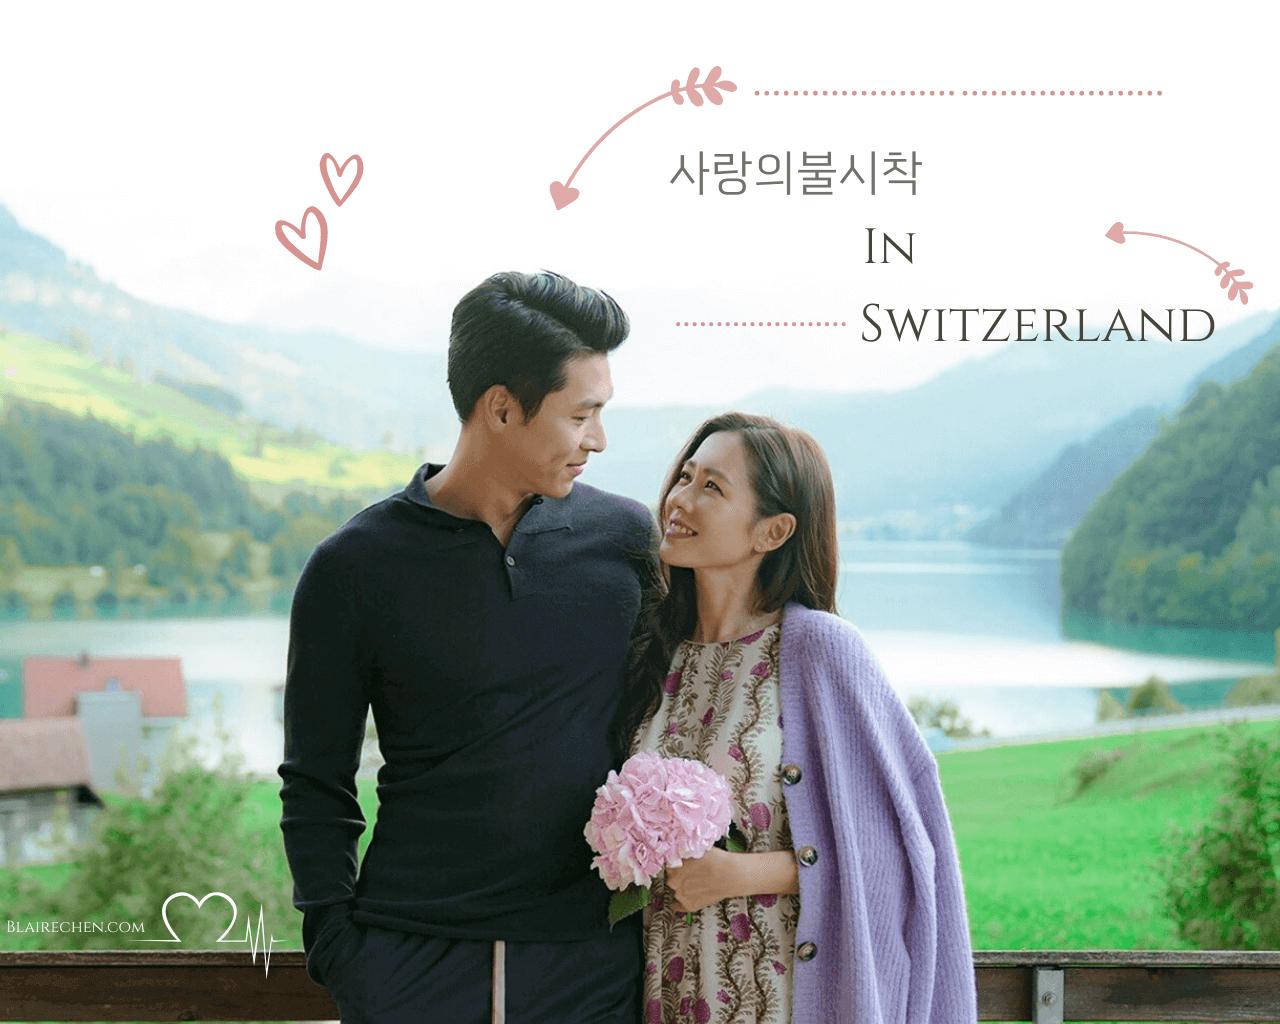 【瑞士就該這樣玩】|《愛的迫降》拍攝景點,初相遇在瑞士,朝聖最美場景就是這裡!!